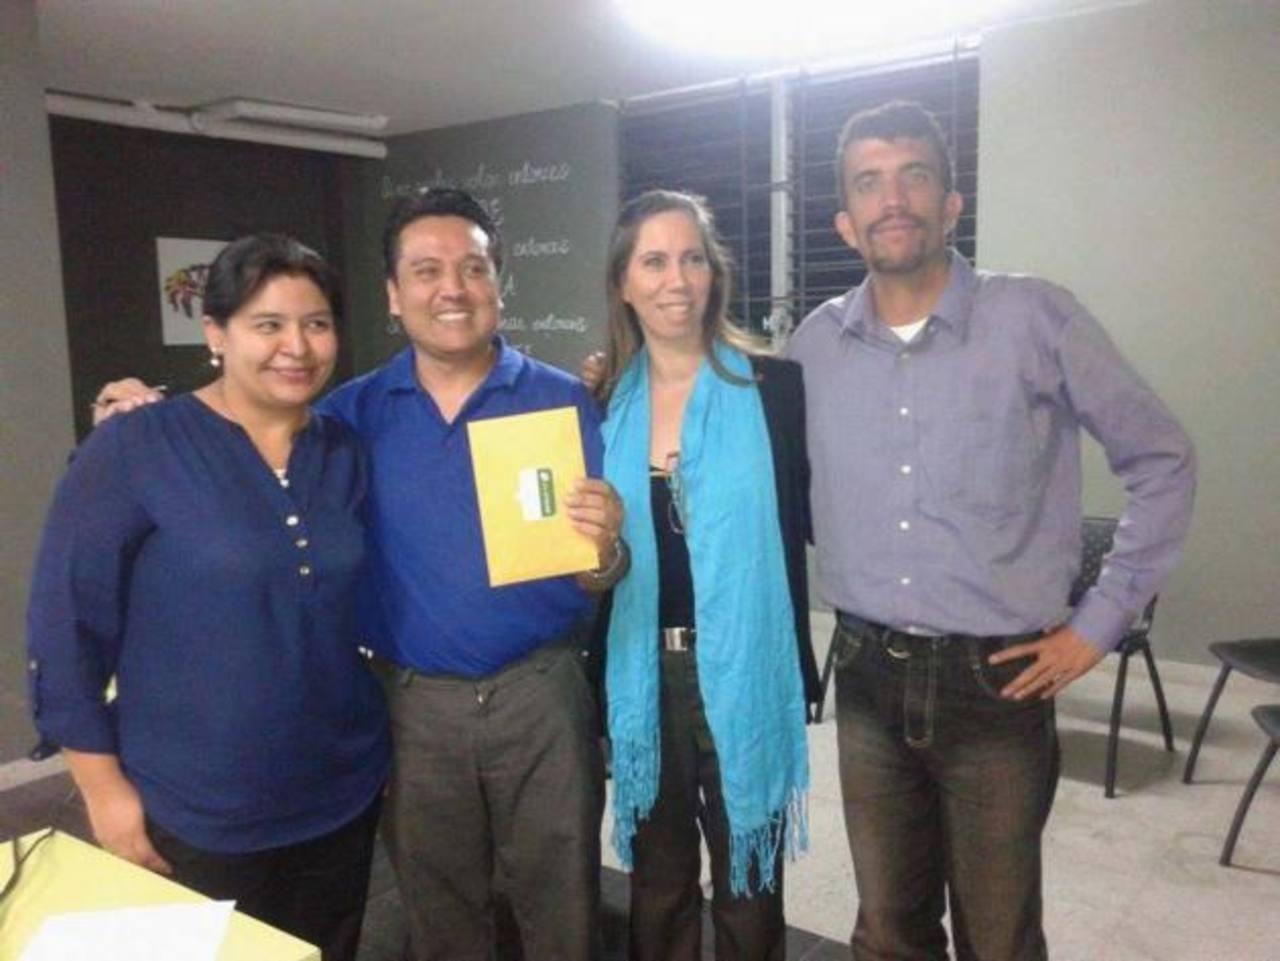 El juego Cuenta Historias fue el ganador del tercer lugar de la primera edición Desarrollando América Latina El Salvador 2014. foto cortesía